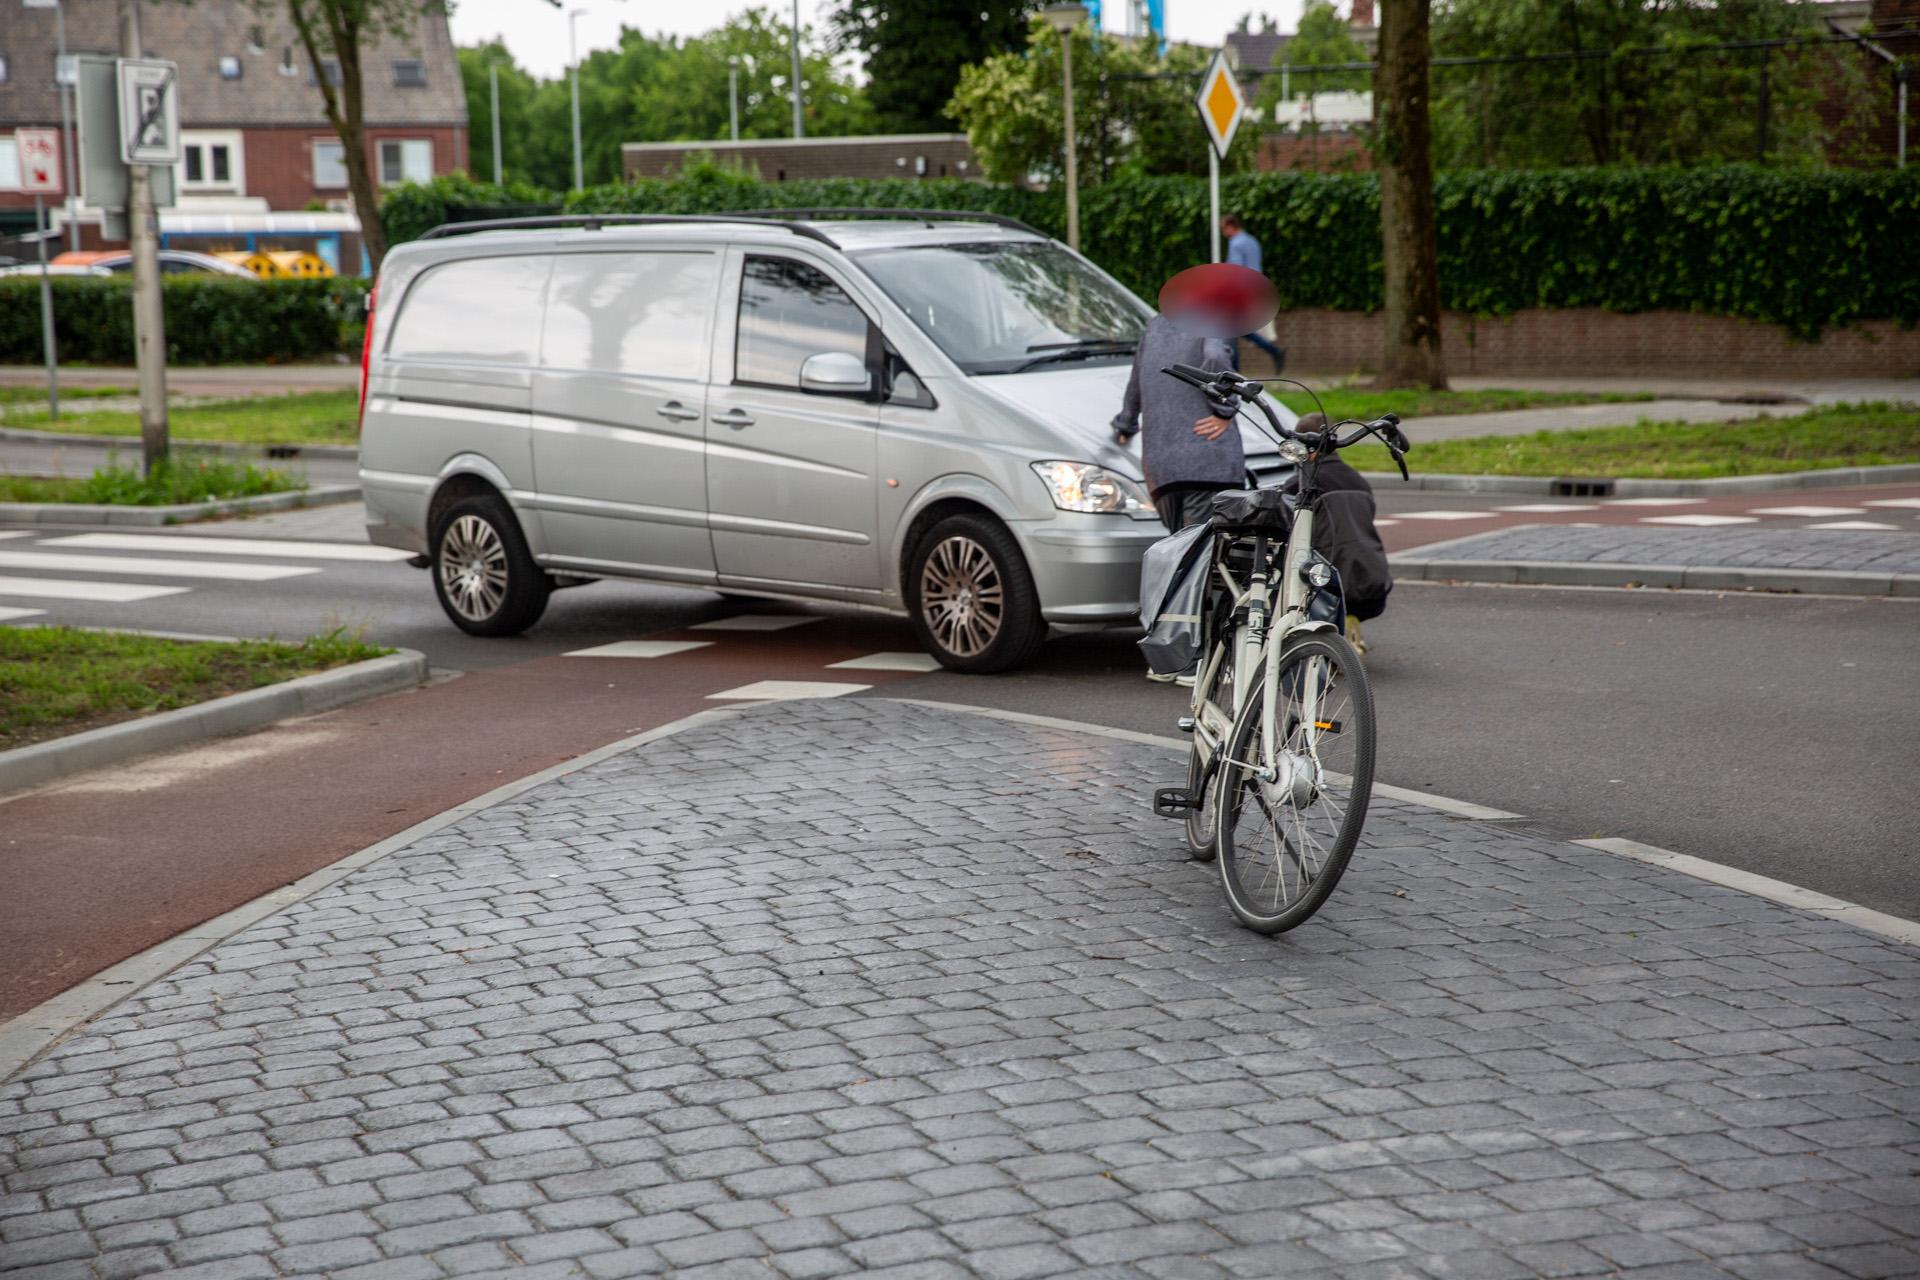 Fietsster lichtgewond bij aanrijding door bestelbus in Roosendaal